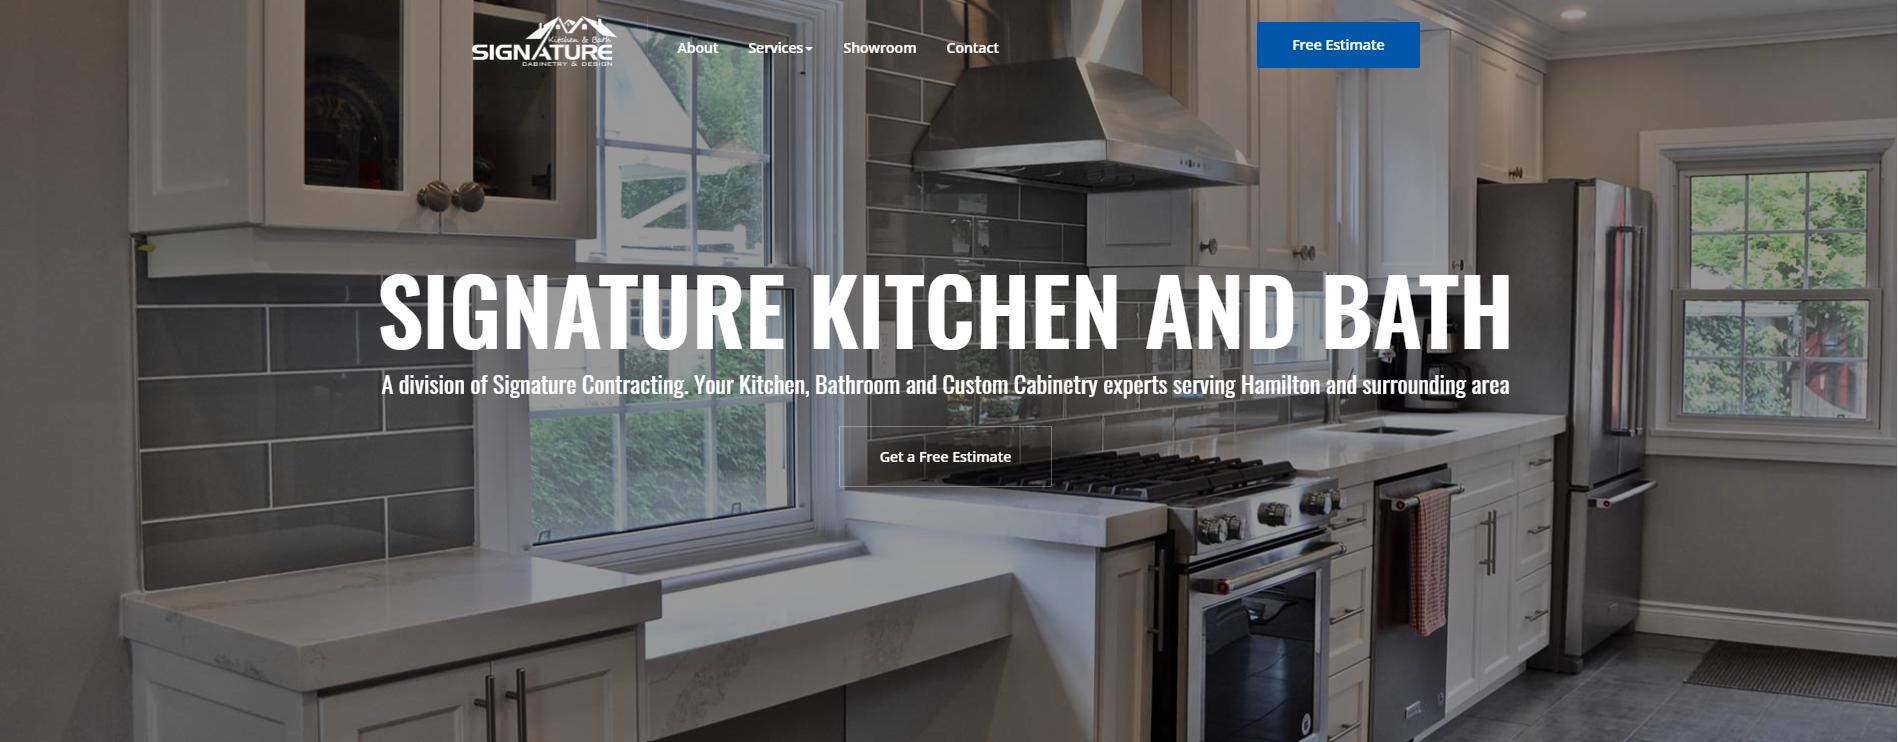 contractor website example